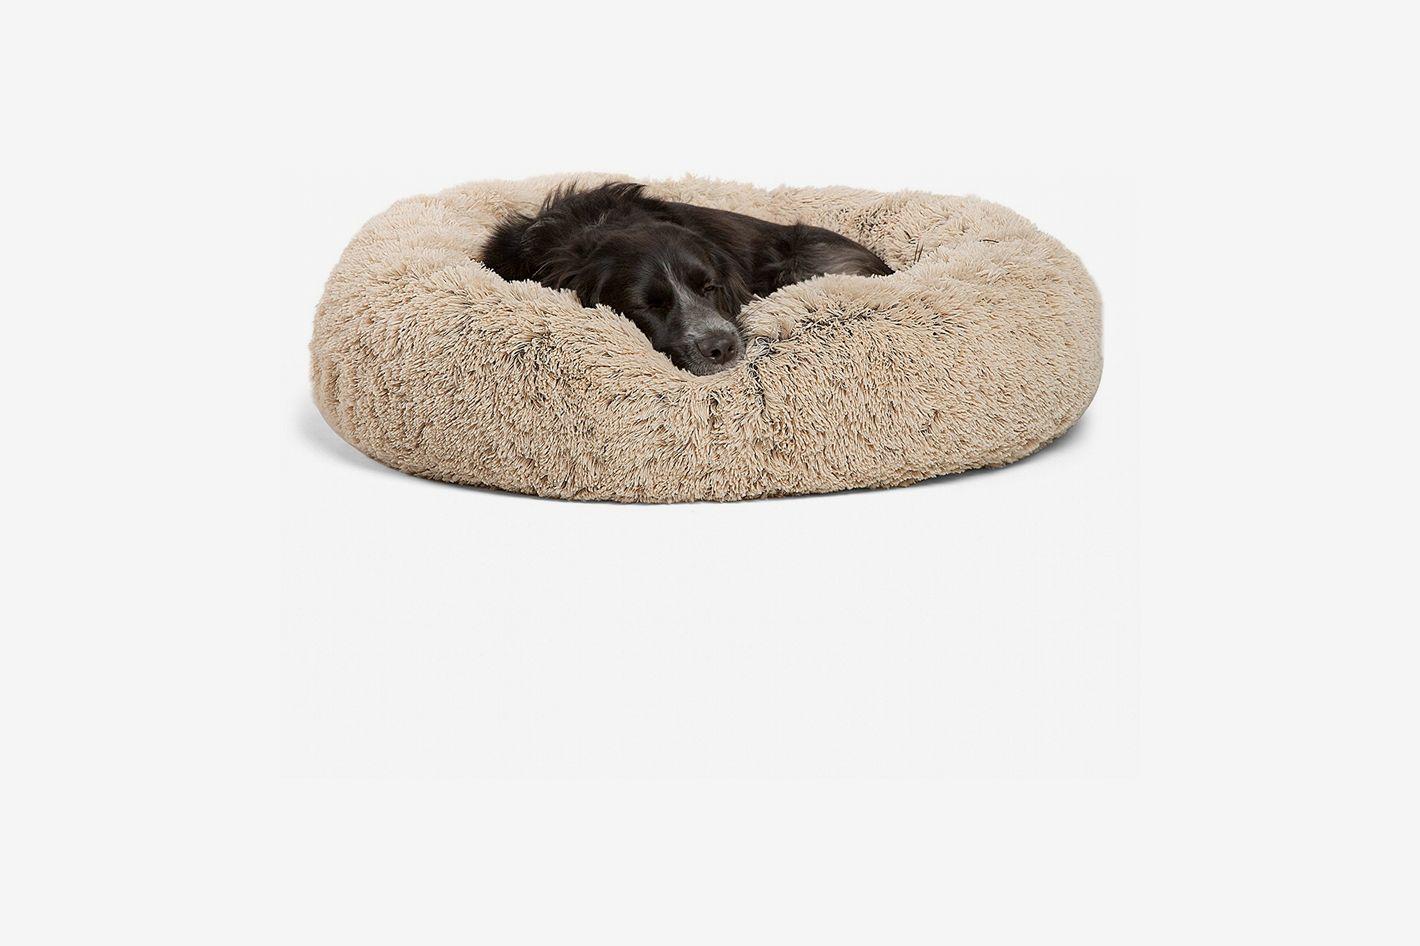 Best Friends by Sheri Luxury Shag Faux Fur Donut Cuddler Pet Bed